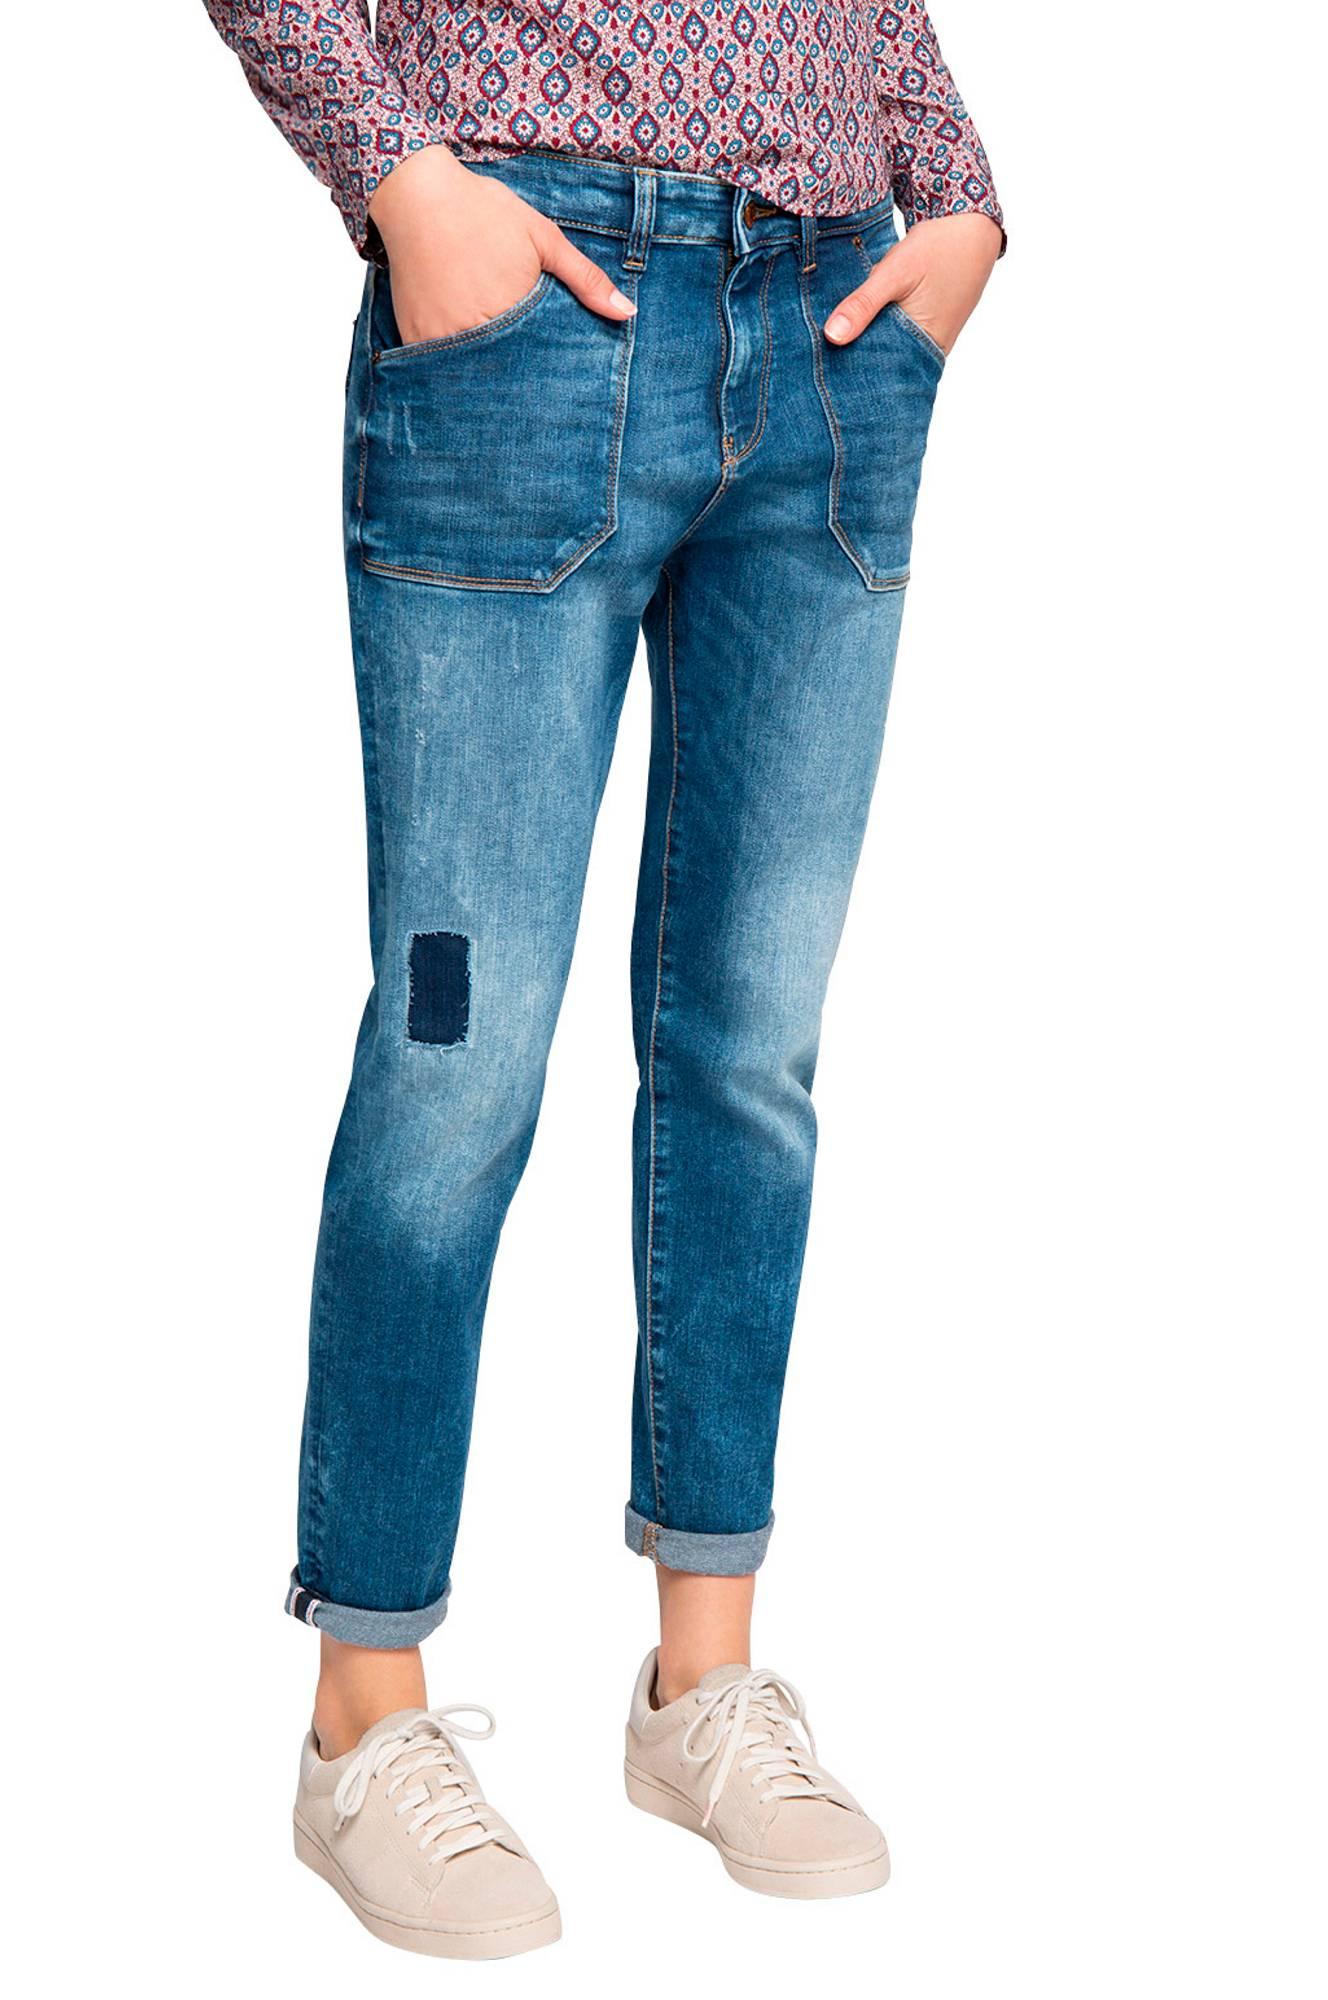 Jeans i boyfriend-look Esprit Jeans til Kvinder i Blå